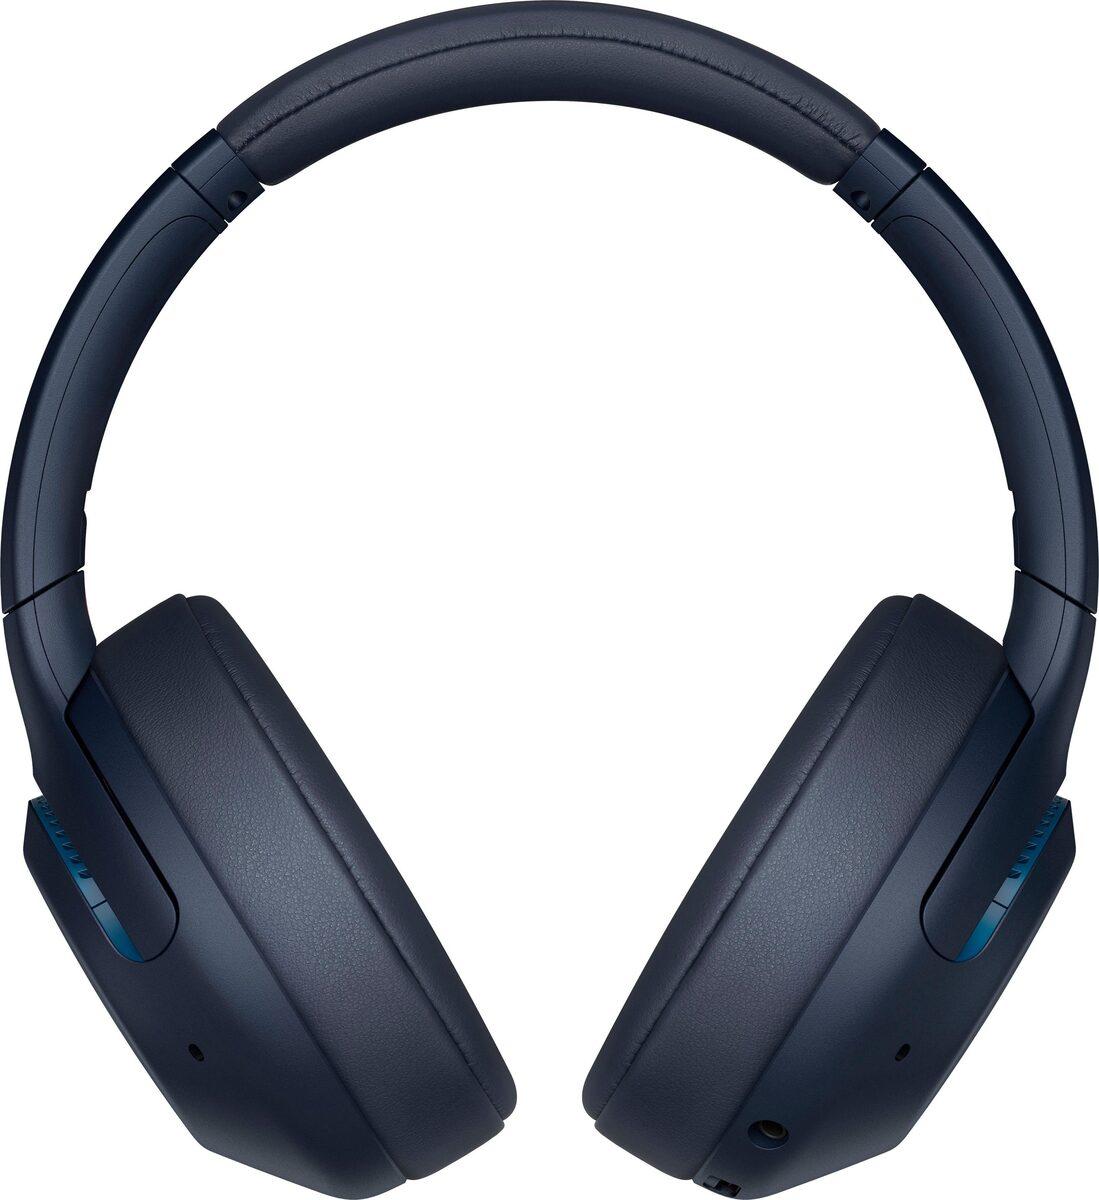 Bild 2 von Sony »WH-XB900N Bluetooth Noise Cancelling« Kopfhörer (Bluetooth, NFC, Headset mit Mikrofon, Amazon Alexa & Google Assistant, Gestensteuerung)